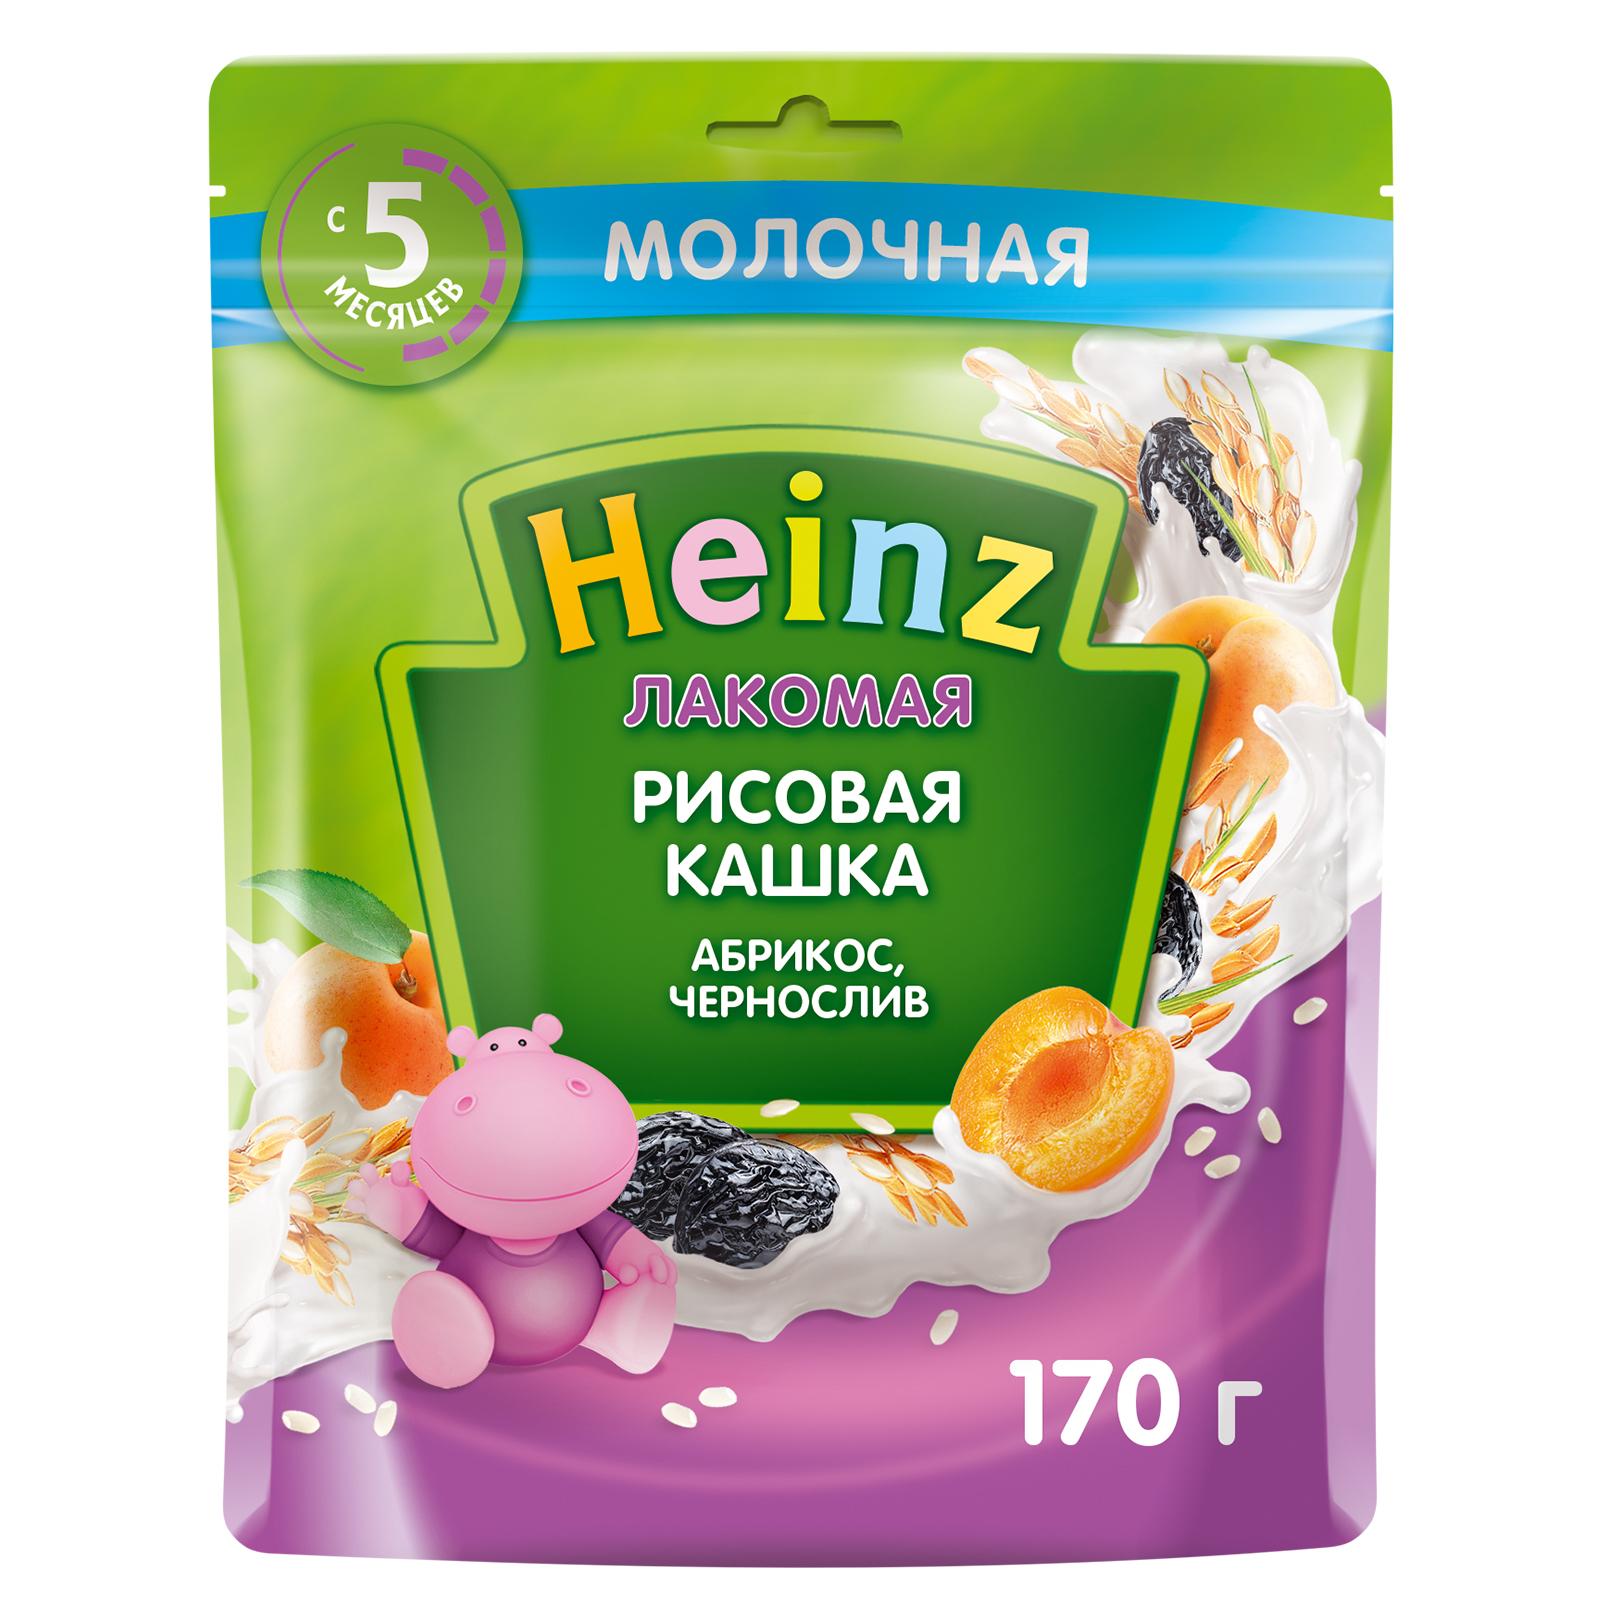 Каша Heinz Лакомая рисовая Абрикос чернослив с 5 месяцев 170 г.